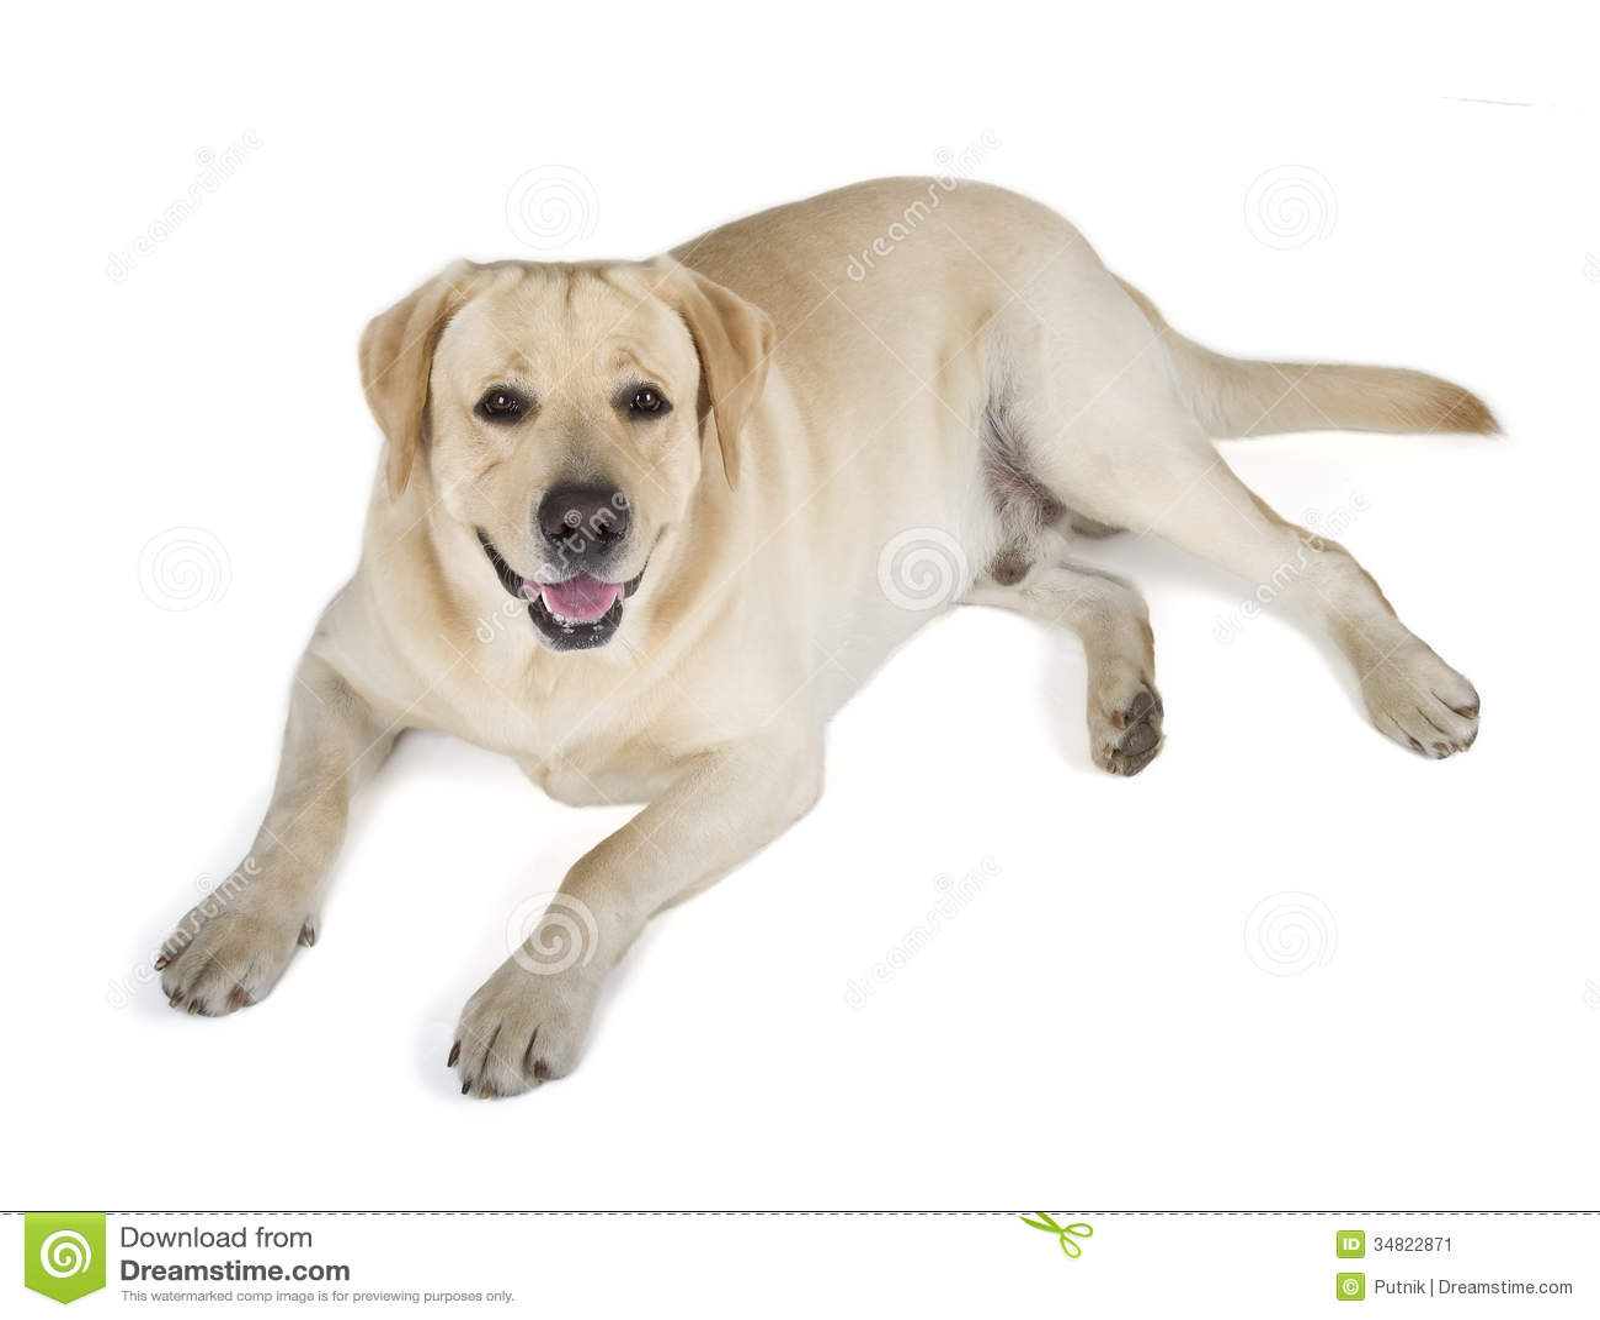 smiling dog white background - photo #6